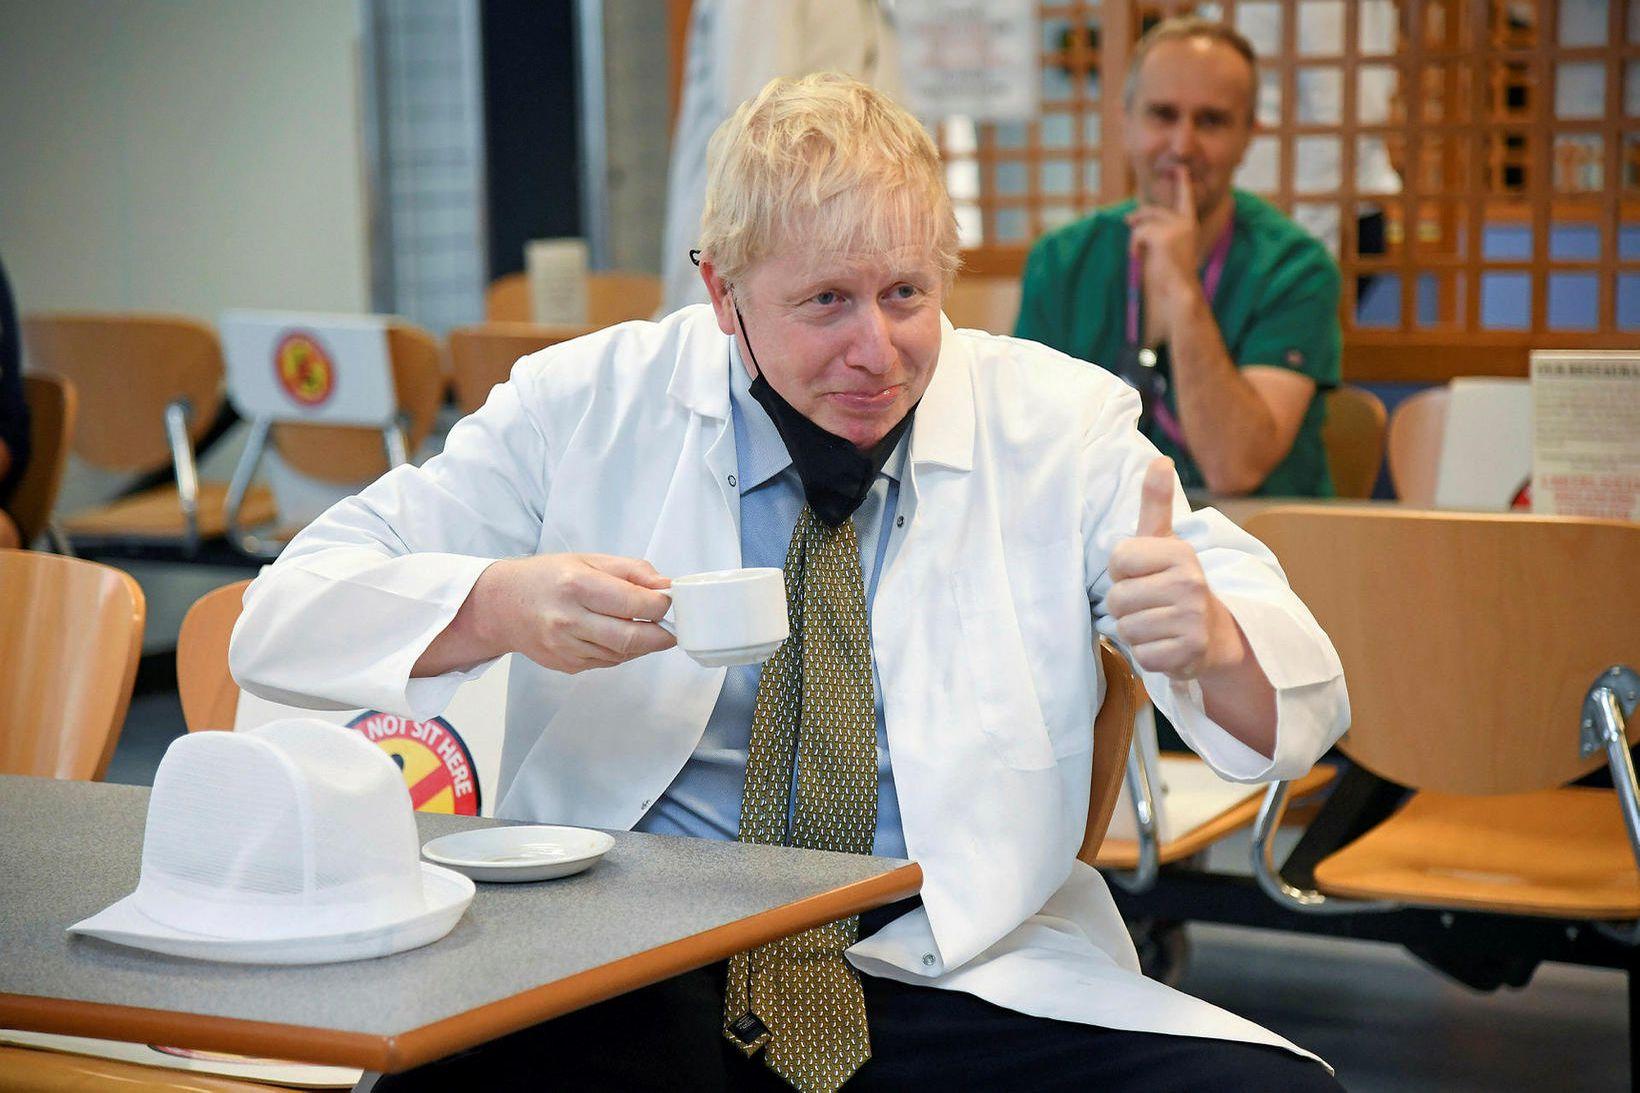 Boris Johnson, forsætisráðherra Bretlands, hefur hér tekið niður grímuna til …